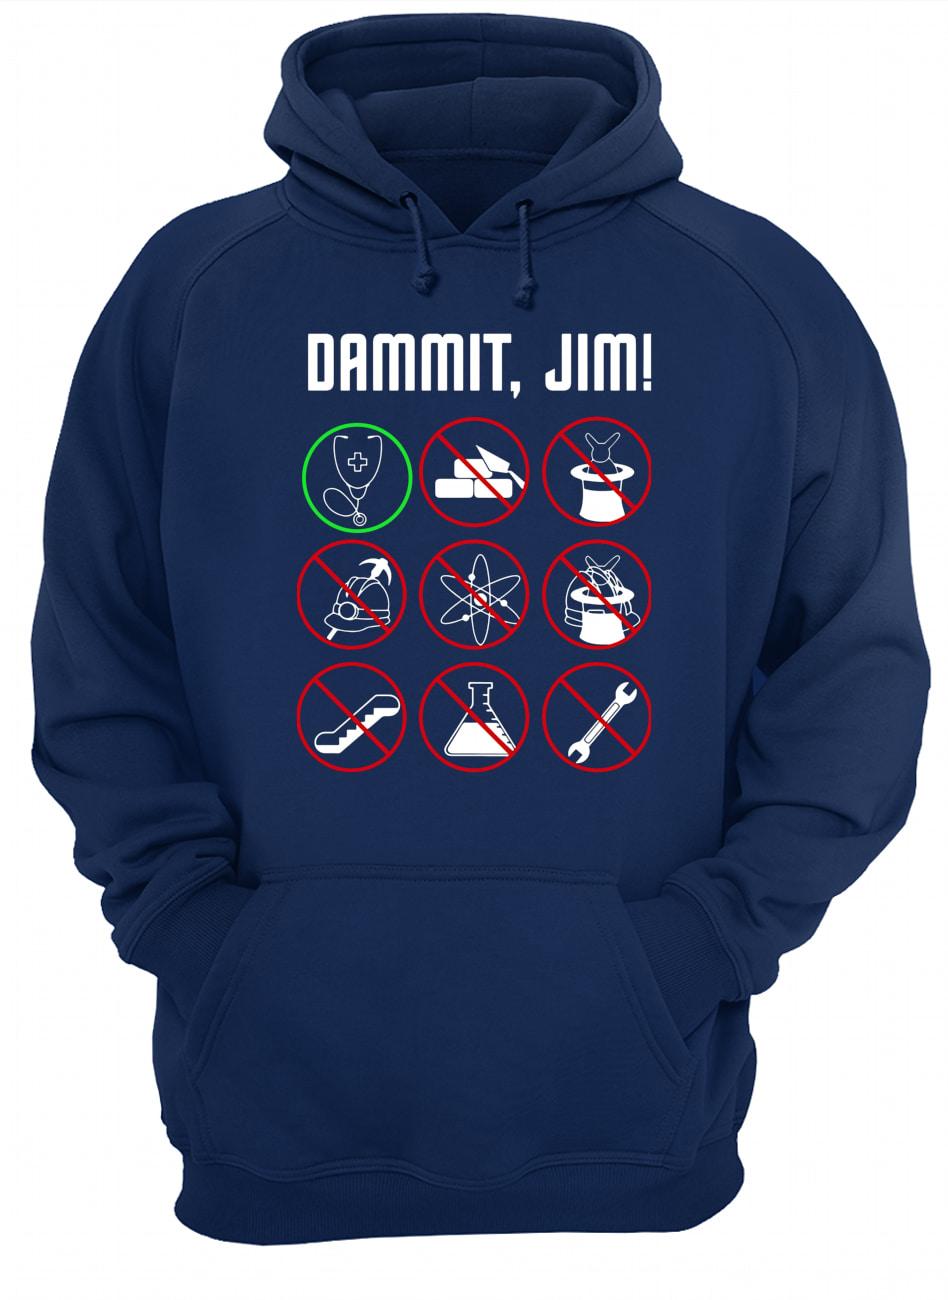 Star trek movie dammit jim hoodie